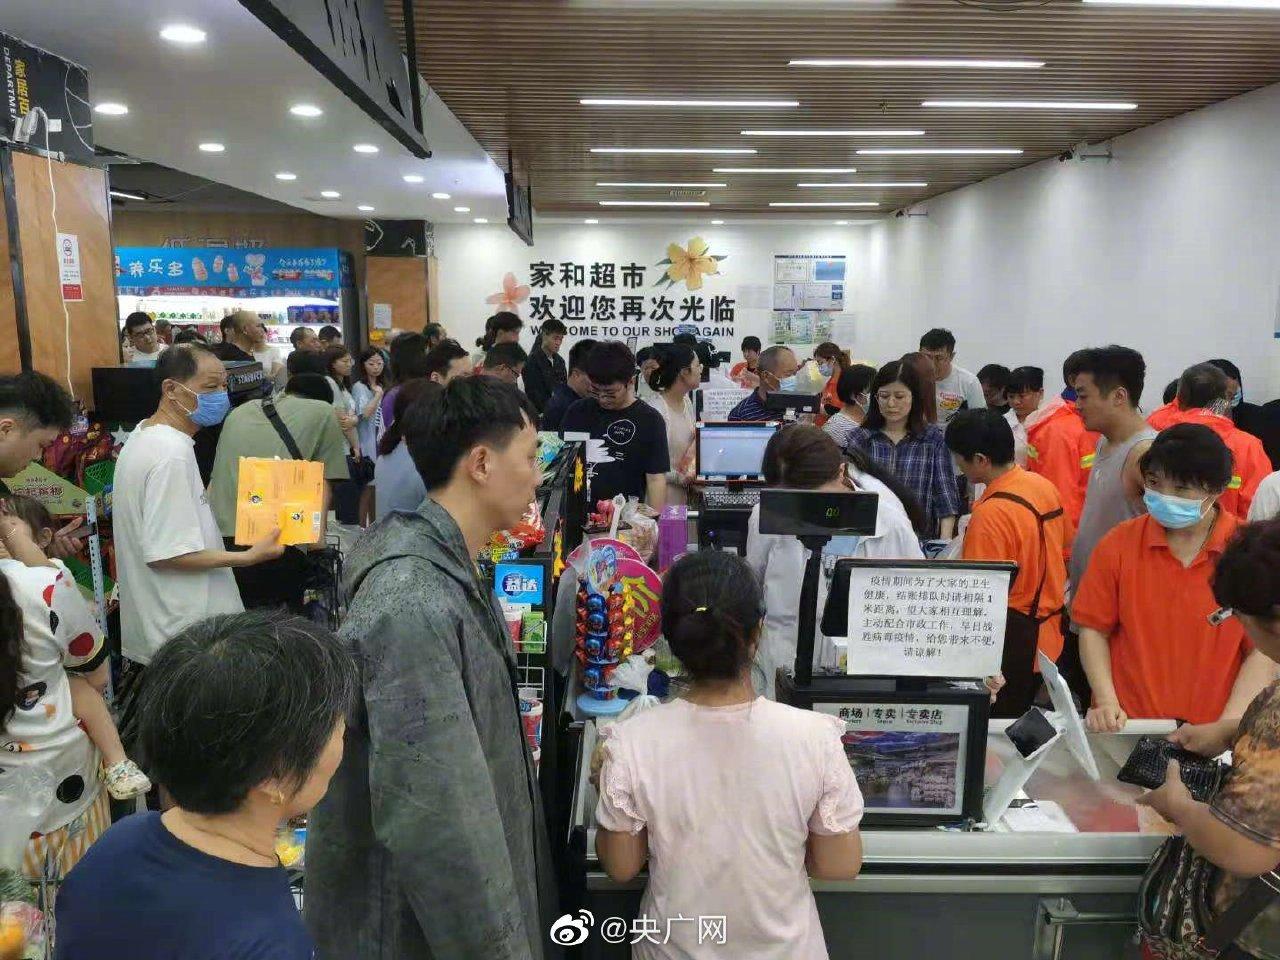 河南大雨造成网络通讯受限 提醒郑州市民外出购物备好现金